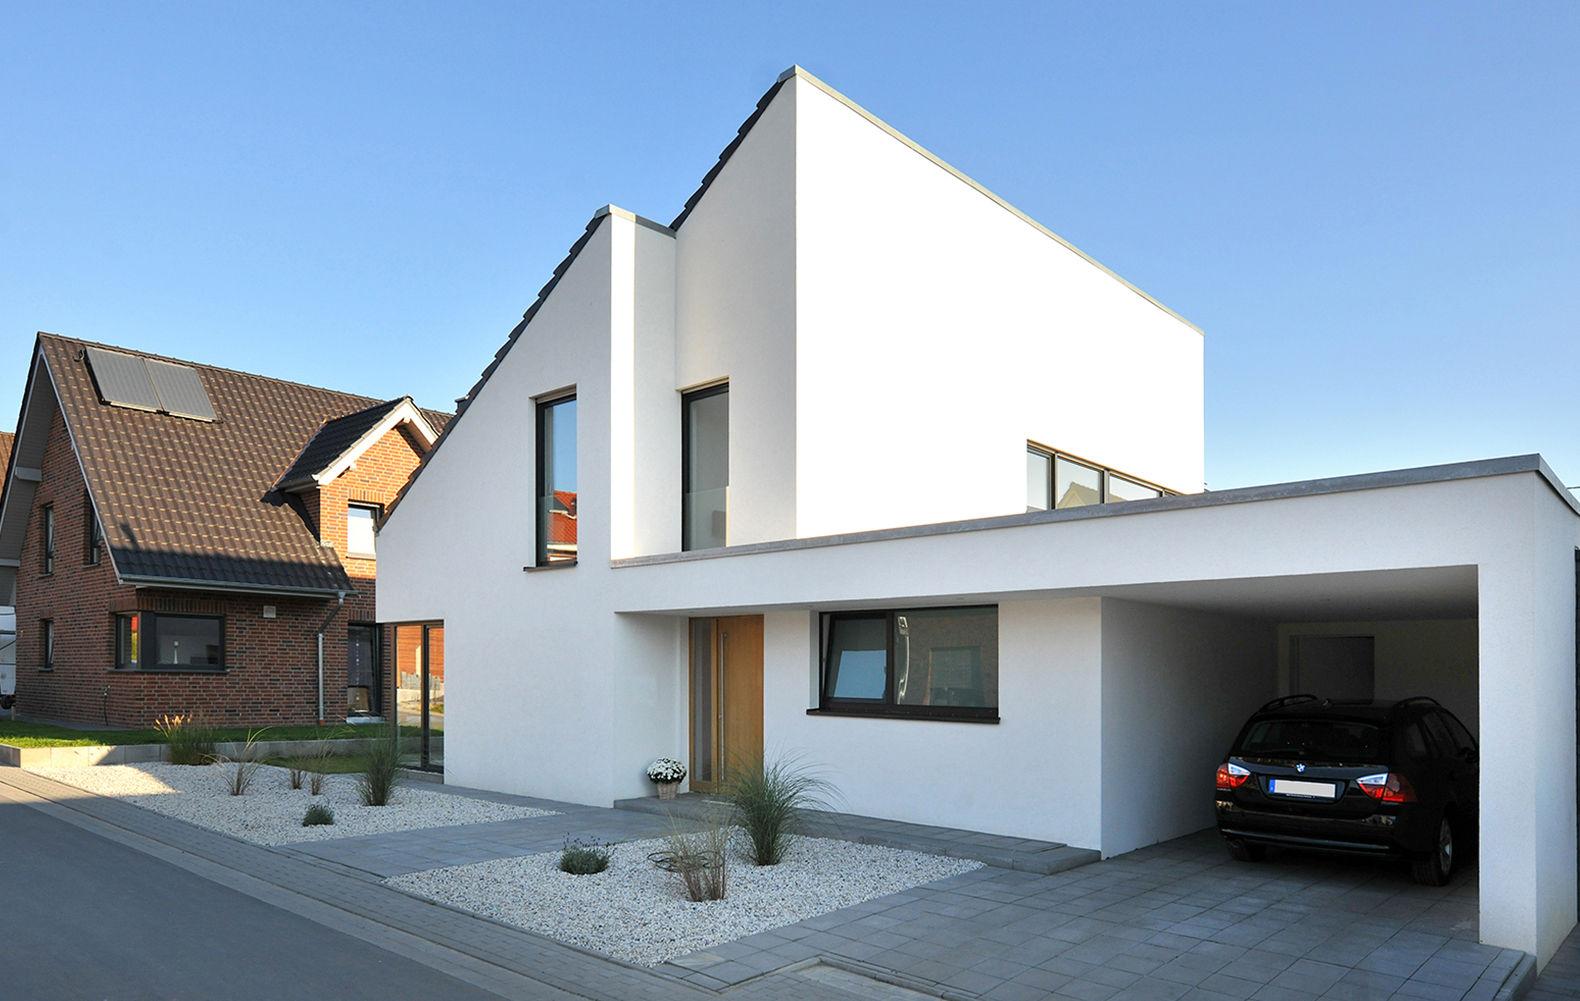 Wunderschön Hauseingang überdacht Referenz Von Mit Modernem Vorgarten